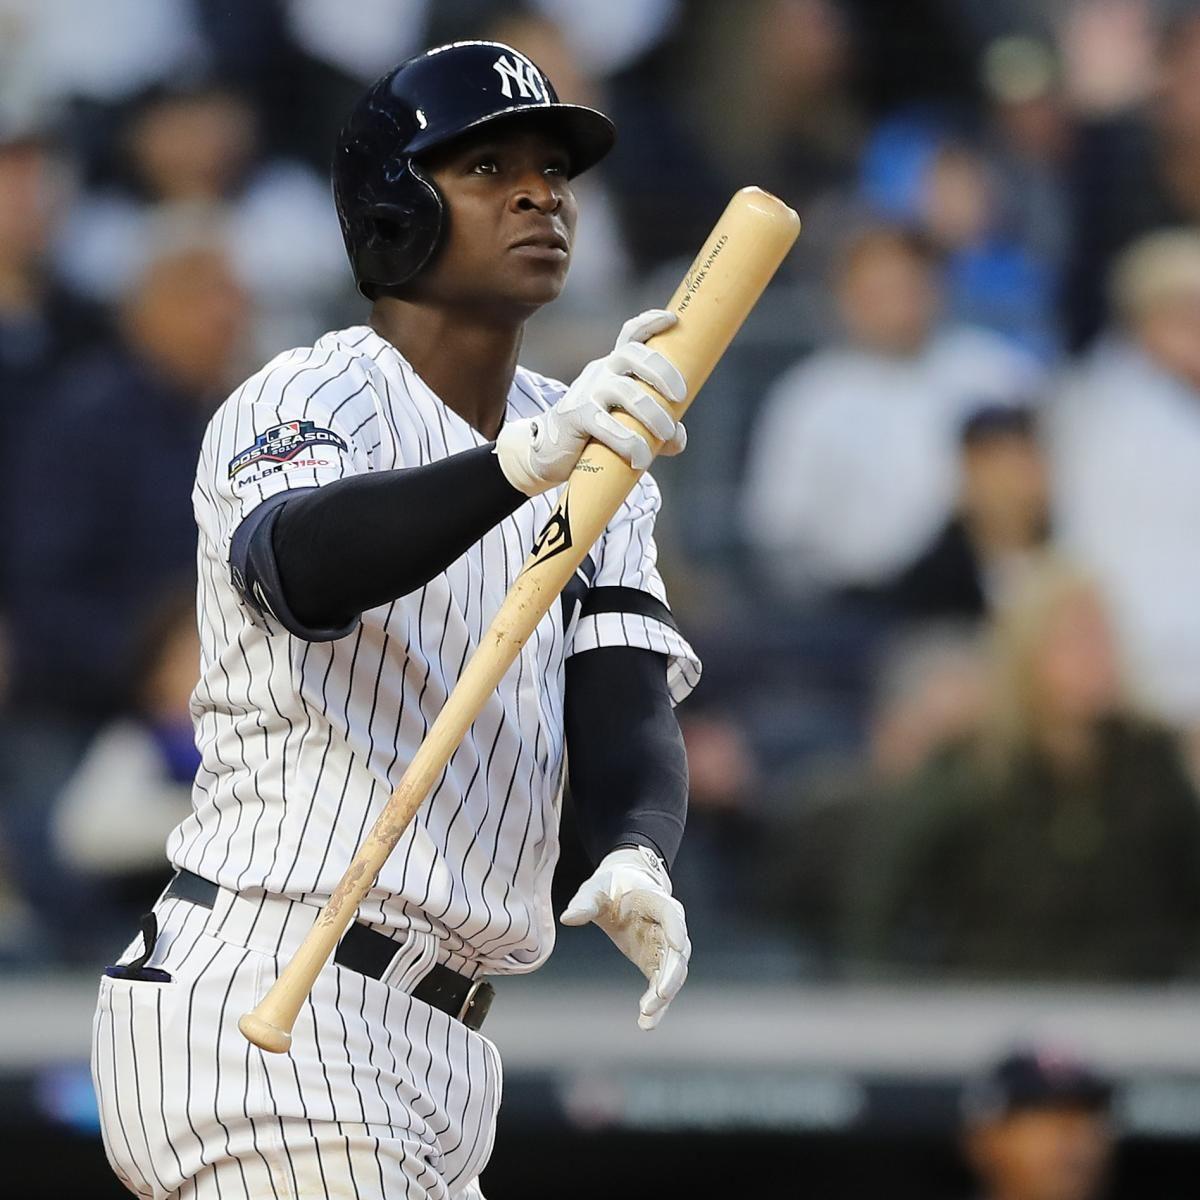 Didi Gregorius Grand Slam Leads Yankees To Blowout Win Over Twins In Game 2 Didi Gregorius Yankees Grand Slam